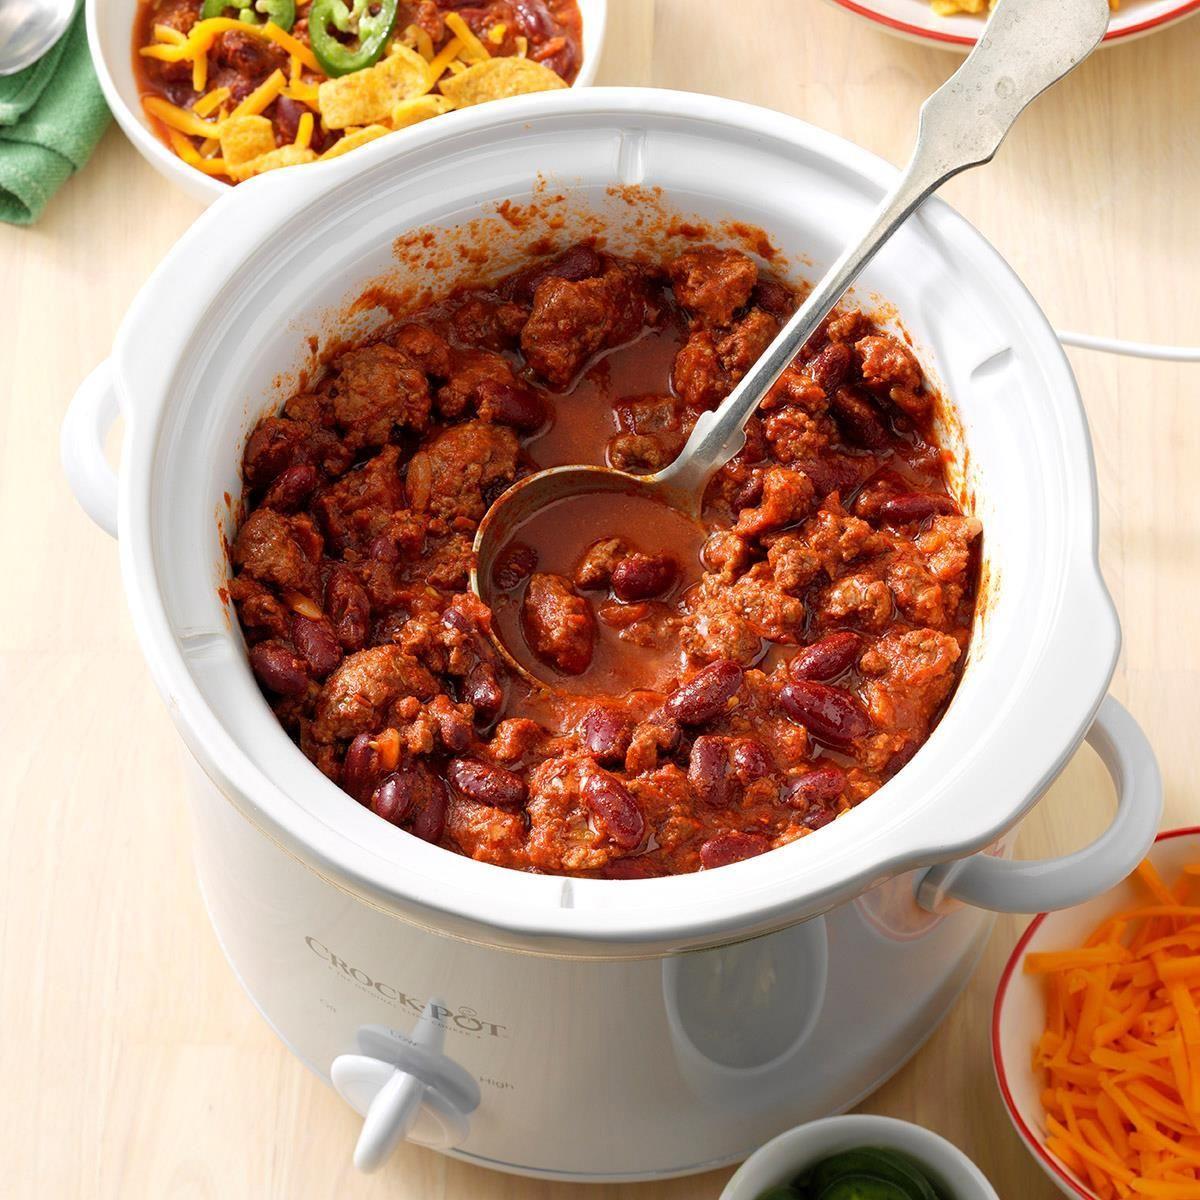 Bonnie S Chili Recipe Beef Recipes Recipes Beef Chili